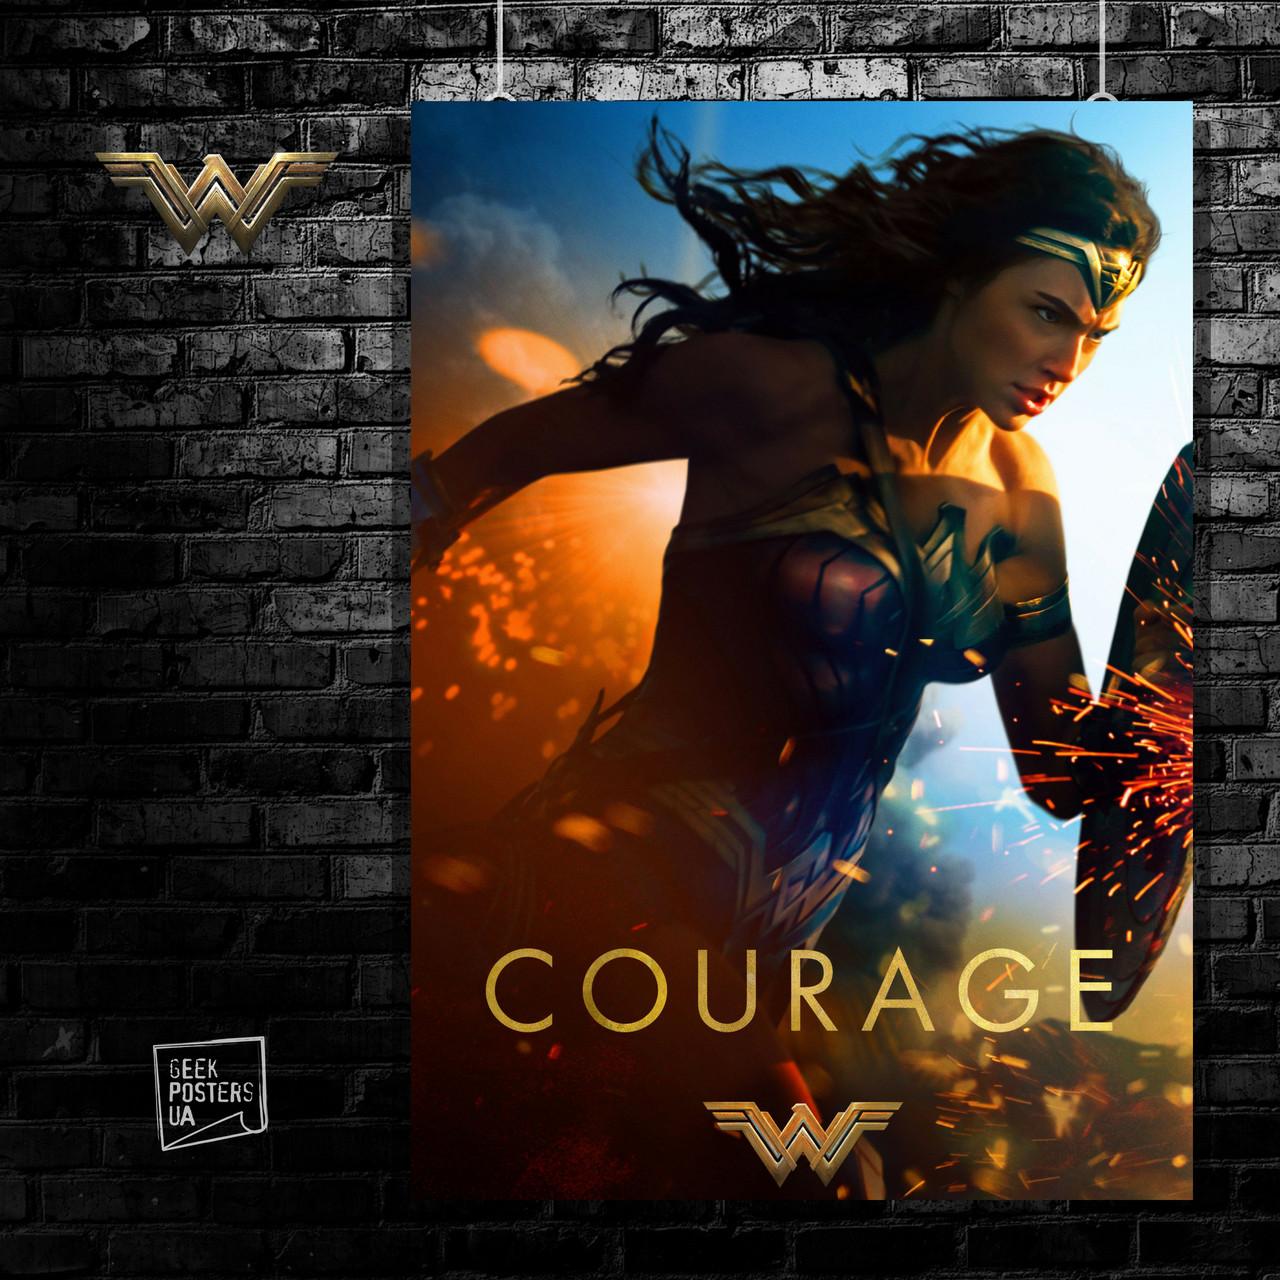 Постер Wonder Woman, Чудо-женщина. Размер 60x40см (A2). Глянцевая бумага